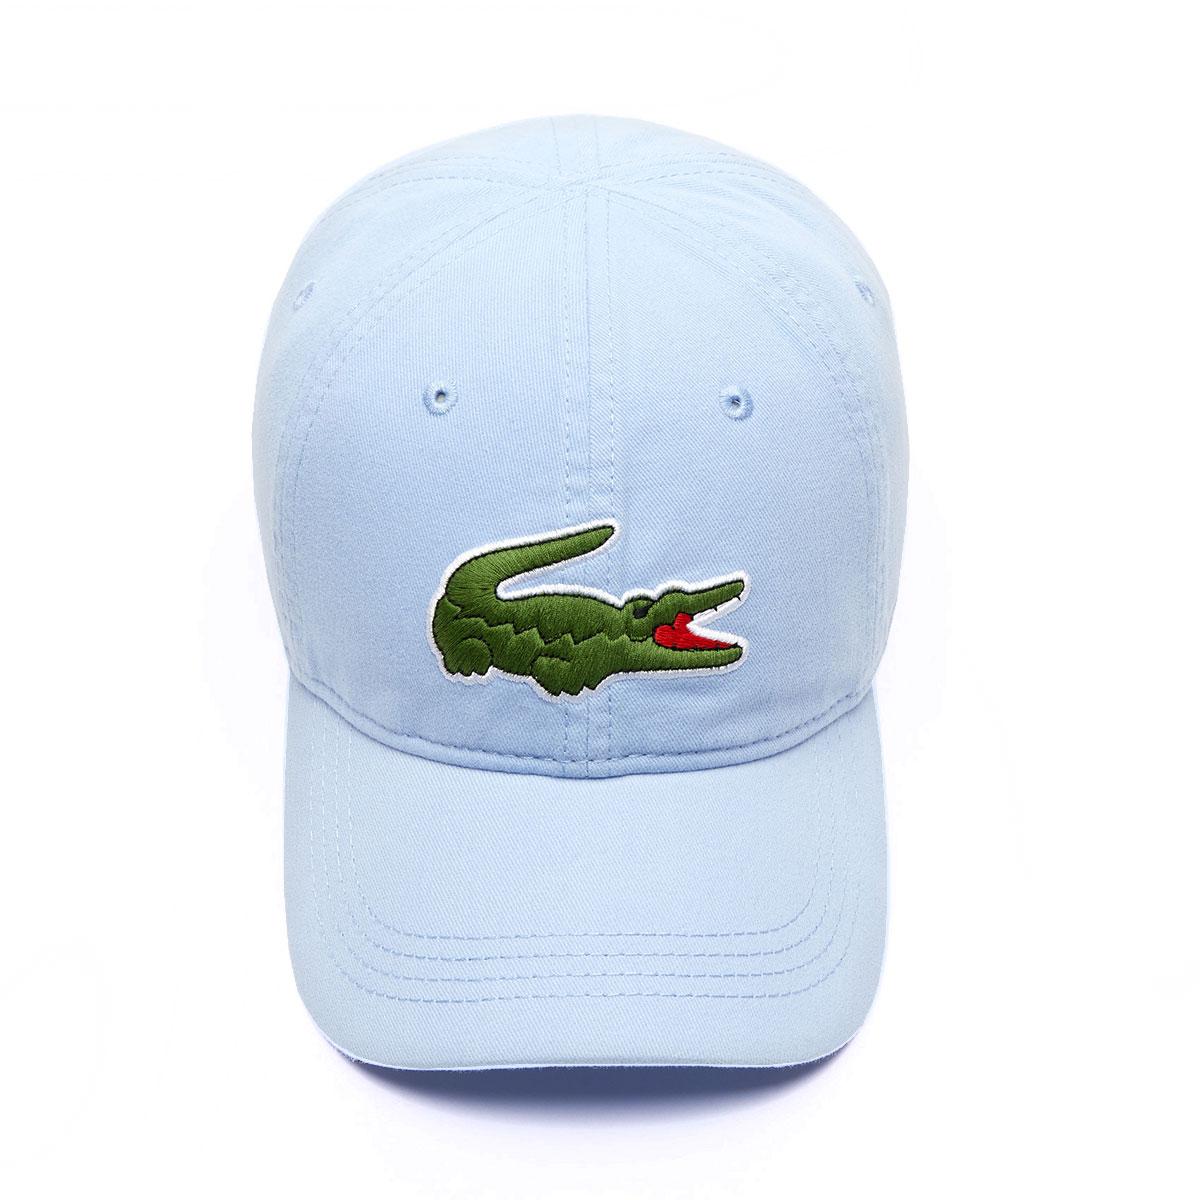 4ba45e0c Details about Lacoste Mens 2019 Big Croc Gabardine Adjustable Sport Hat Cap